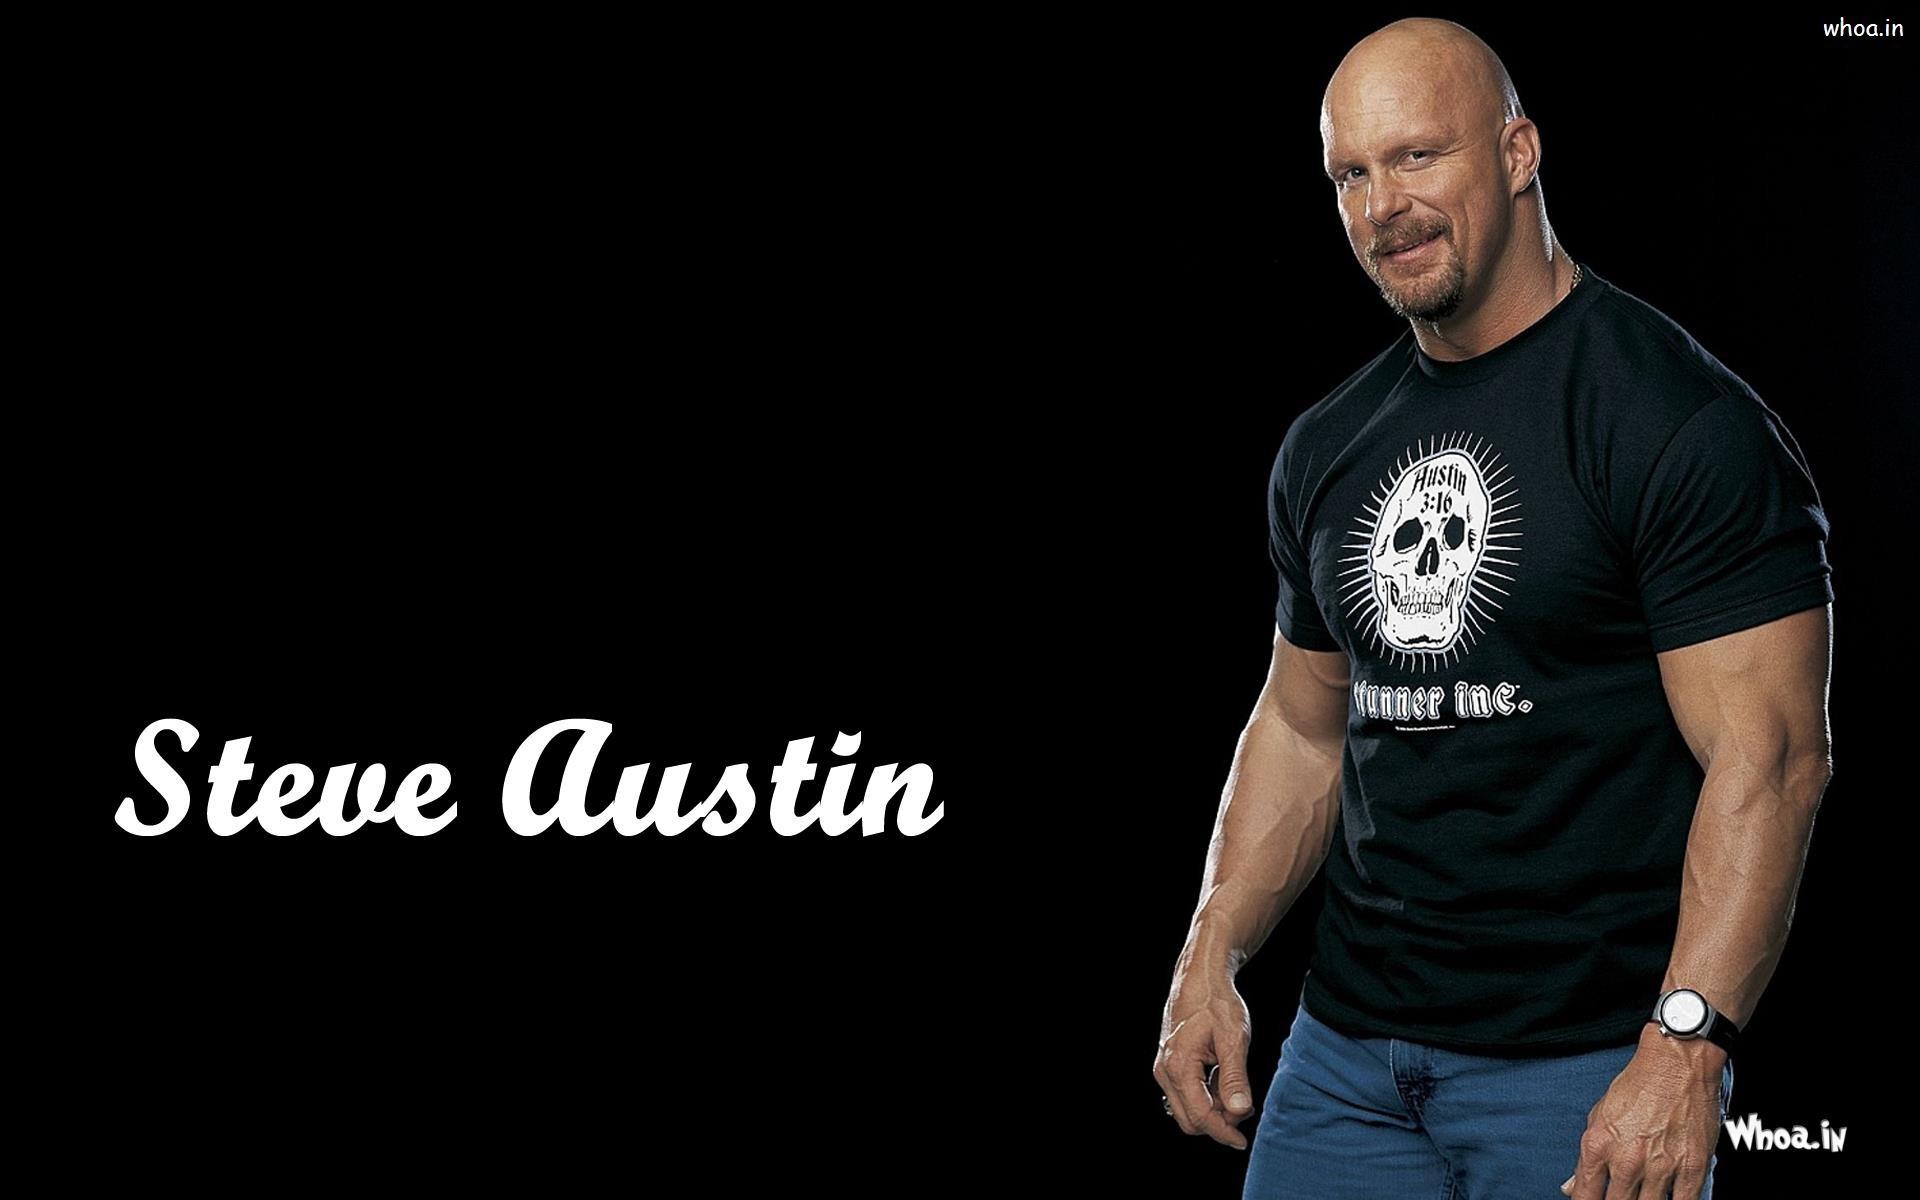 … Steve Austin in Black T-Shirt Wallpaper